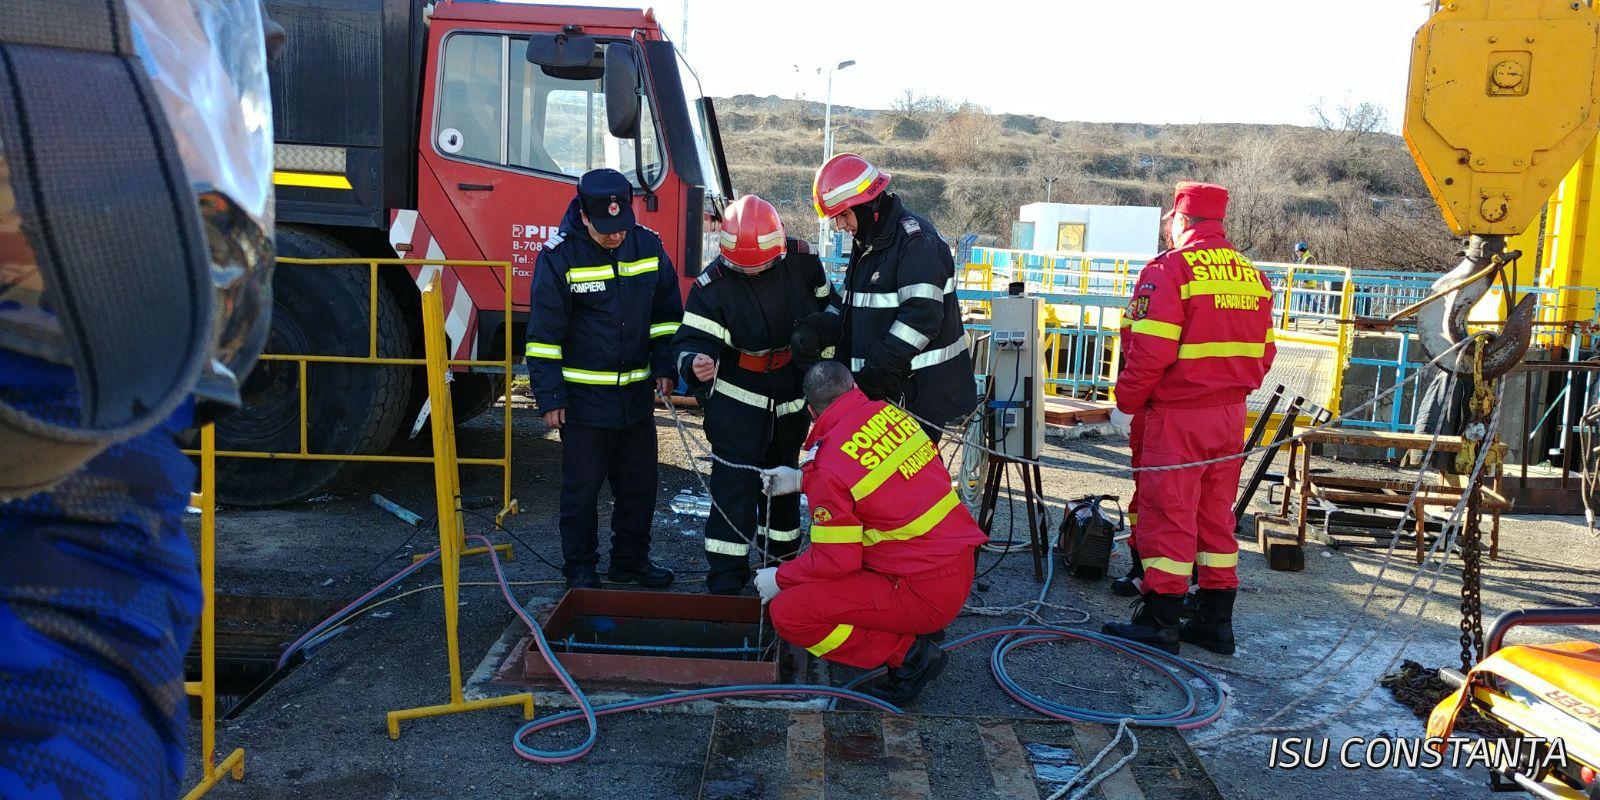 Intervenţie dificilă a pompierilor, după ce un bărbat de 44 de ani a căzut într-o gură de canal